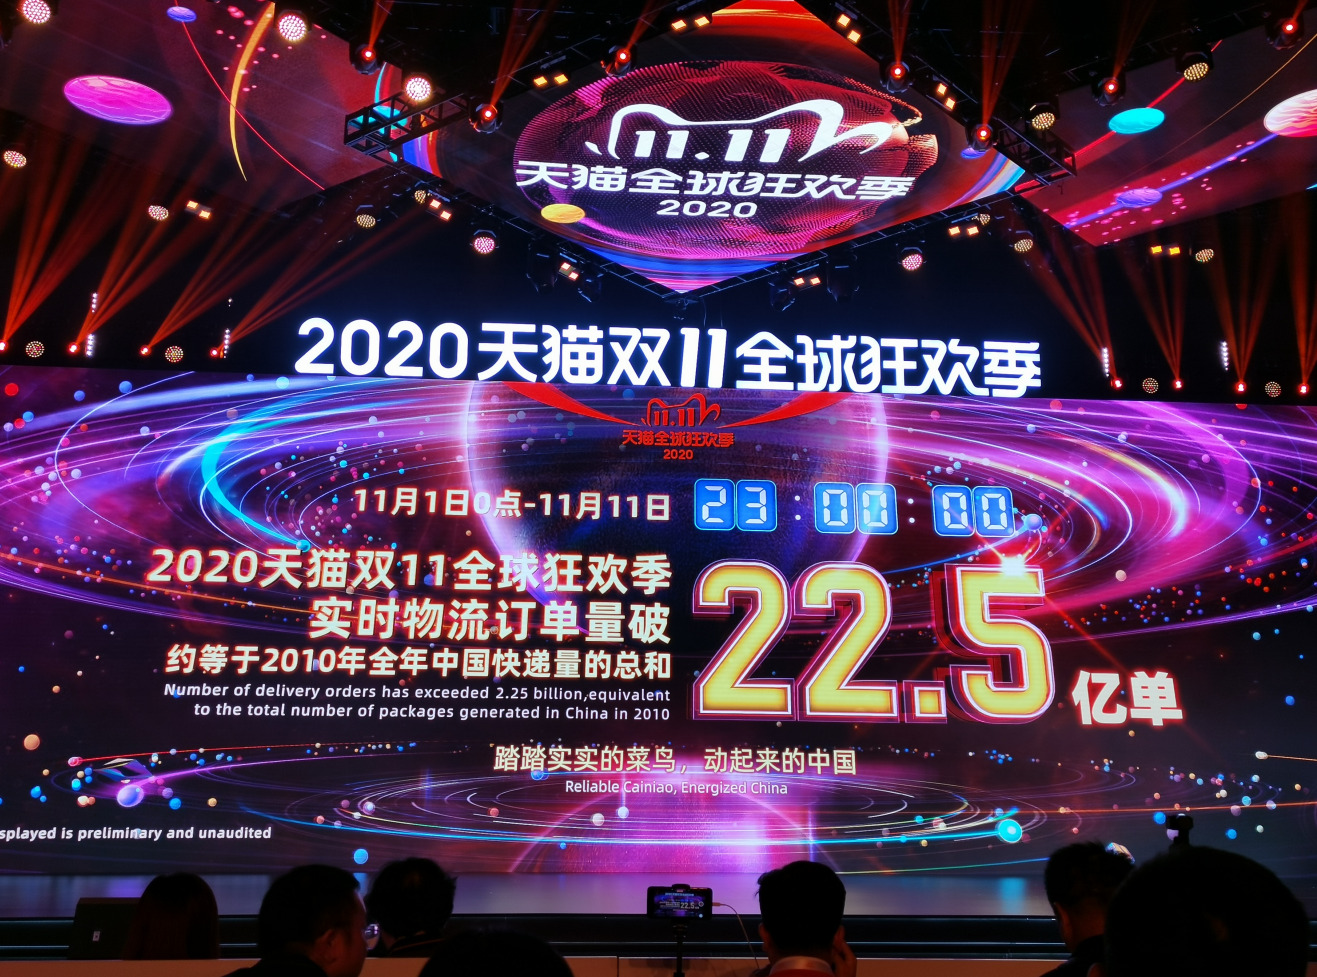 天猫双11物流订单量破22.5亿单,约等于2010年全年中国快递量的总和